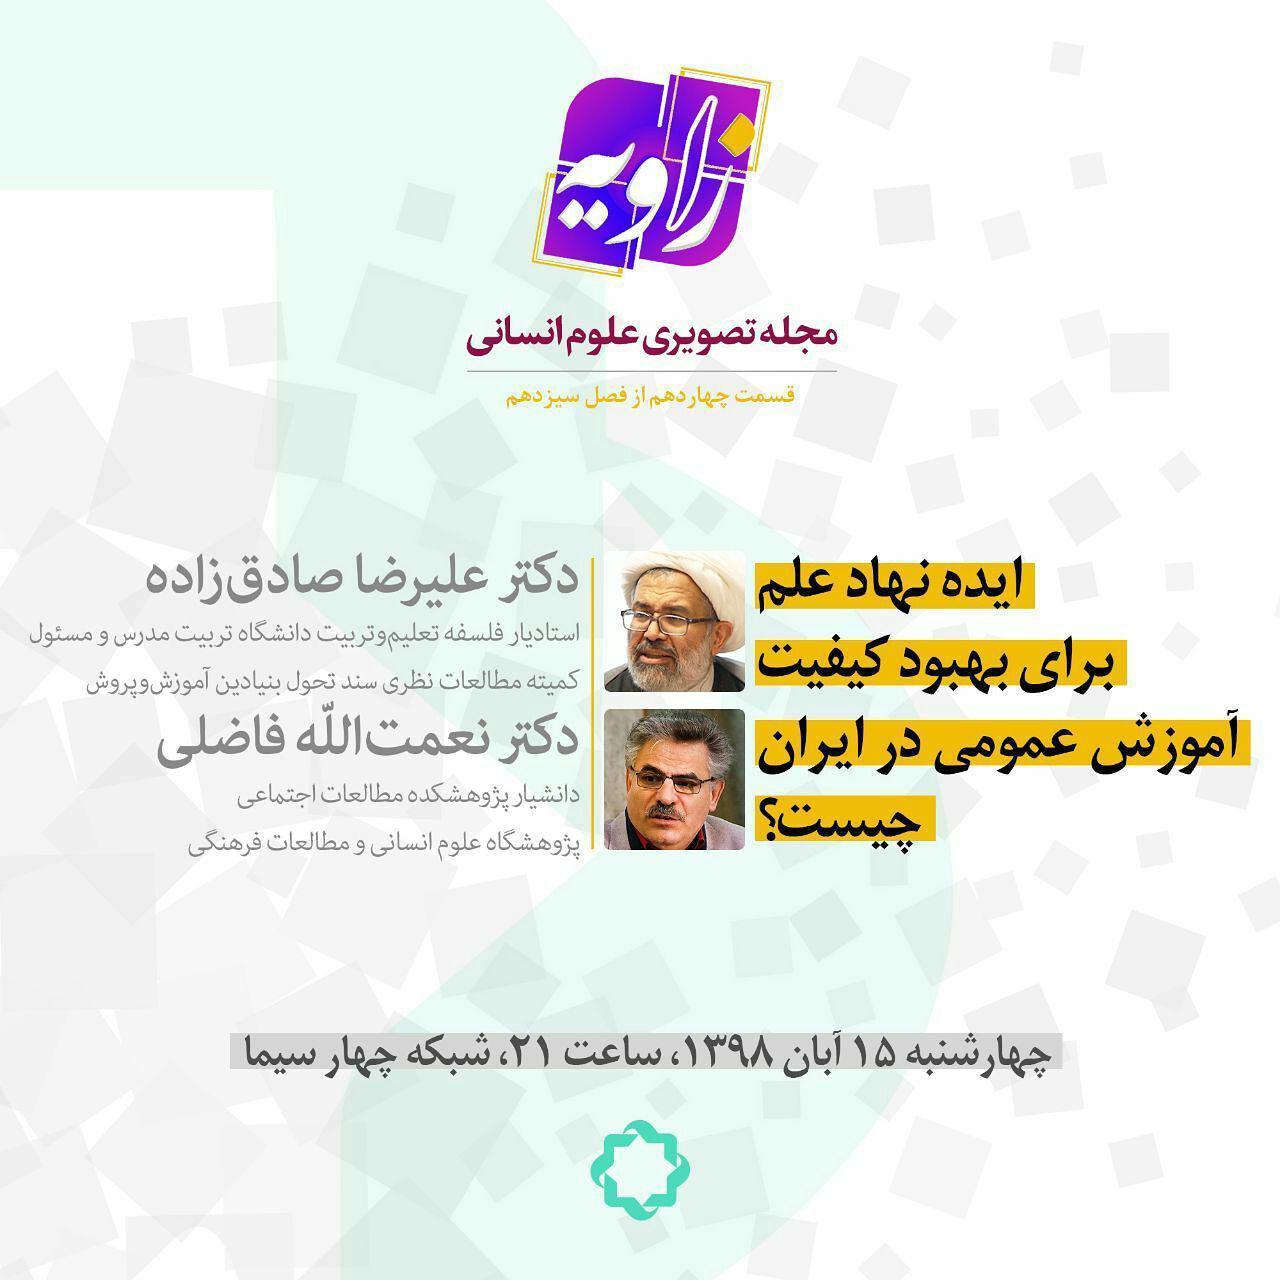 «کیفیت آموزش عمومی در ایران» نقد میشود